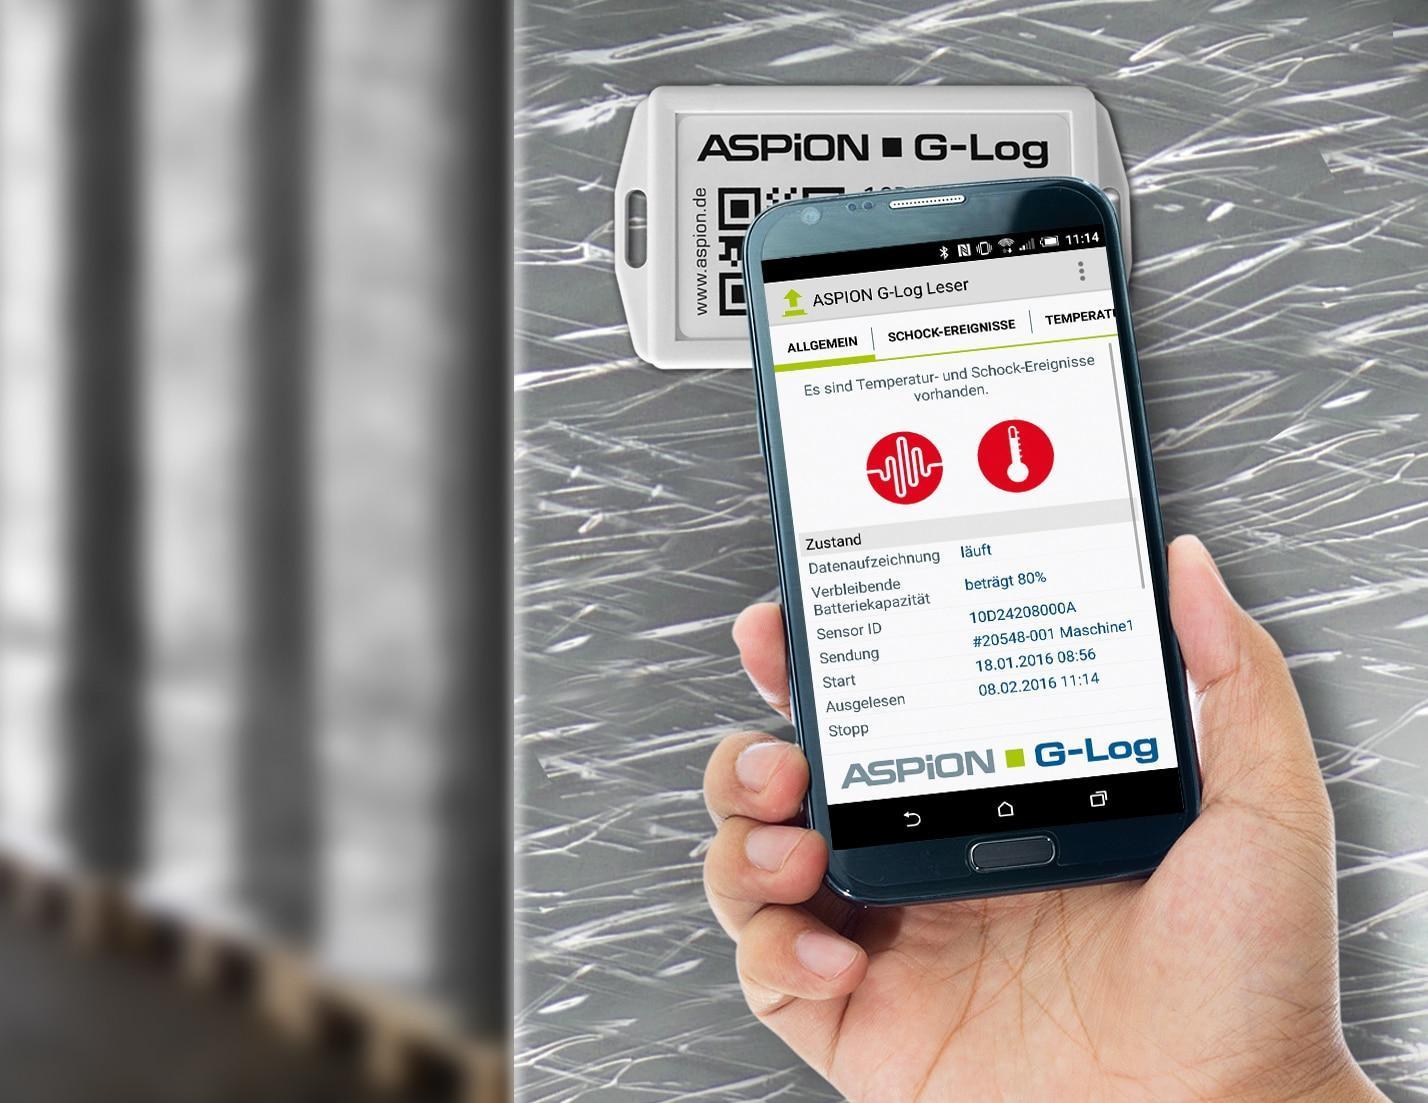 Einfach und schnell: Schock- und Temperaturwerte per Smartphone App auslesen.